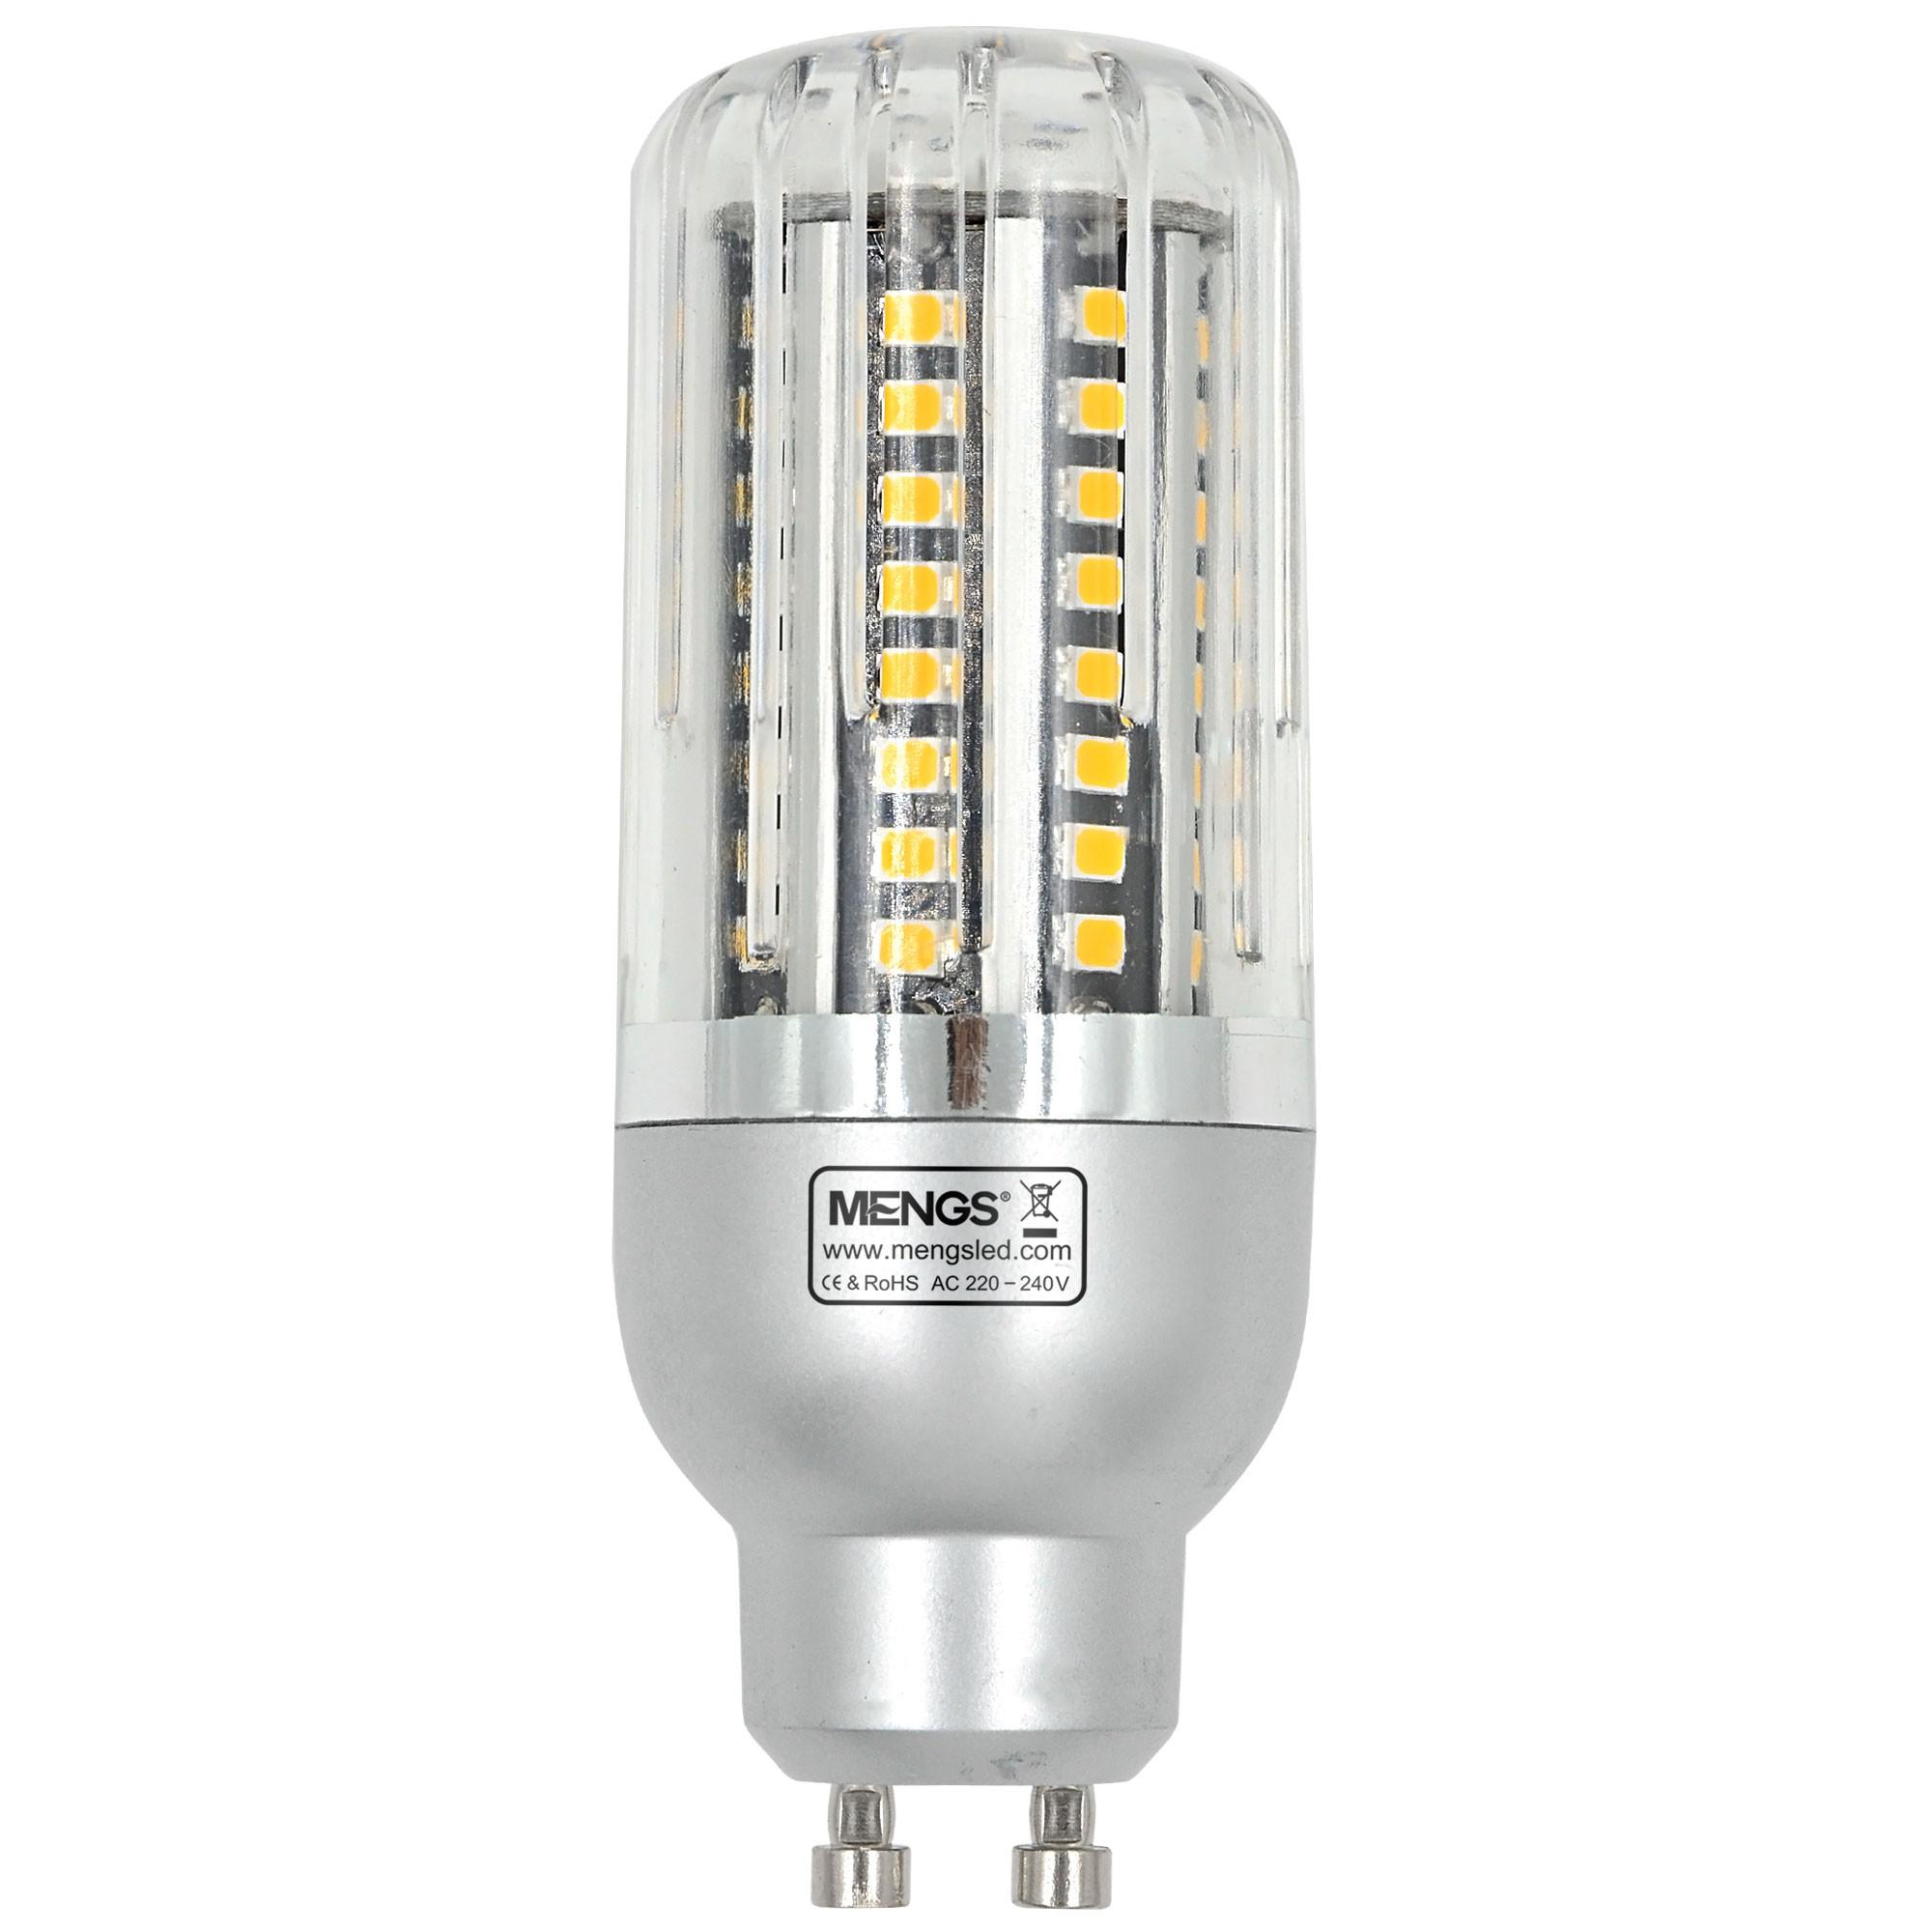 MengsLED u2013 MENGS® GU10 3-Level Brightness(1W 3W 6W) LED Corn Light 80x 2835 SMD LED Bulb L& In Warm White/Cool White Energy-Saving Light  sc 1 st  MengsLED & MengsLED u2013 MENGS® GU10 3-Level Brightness(1W 3W 6W) LED Corn Light ...